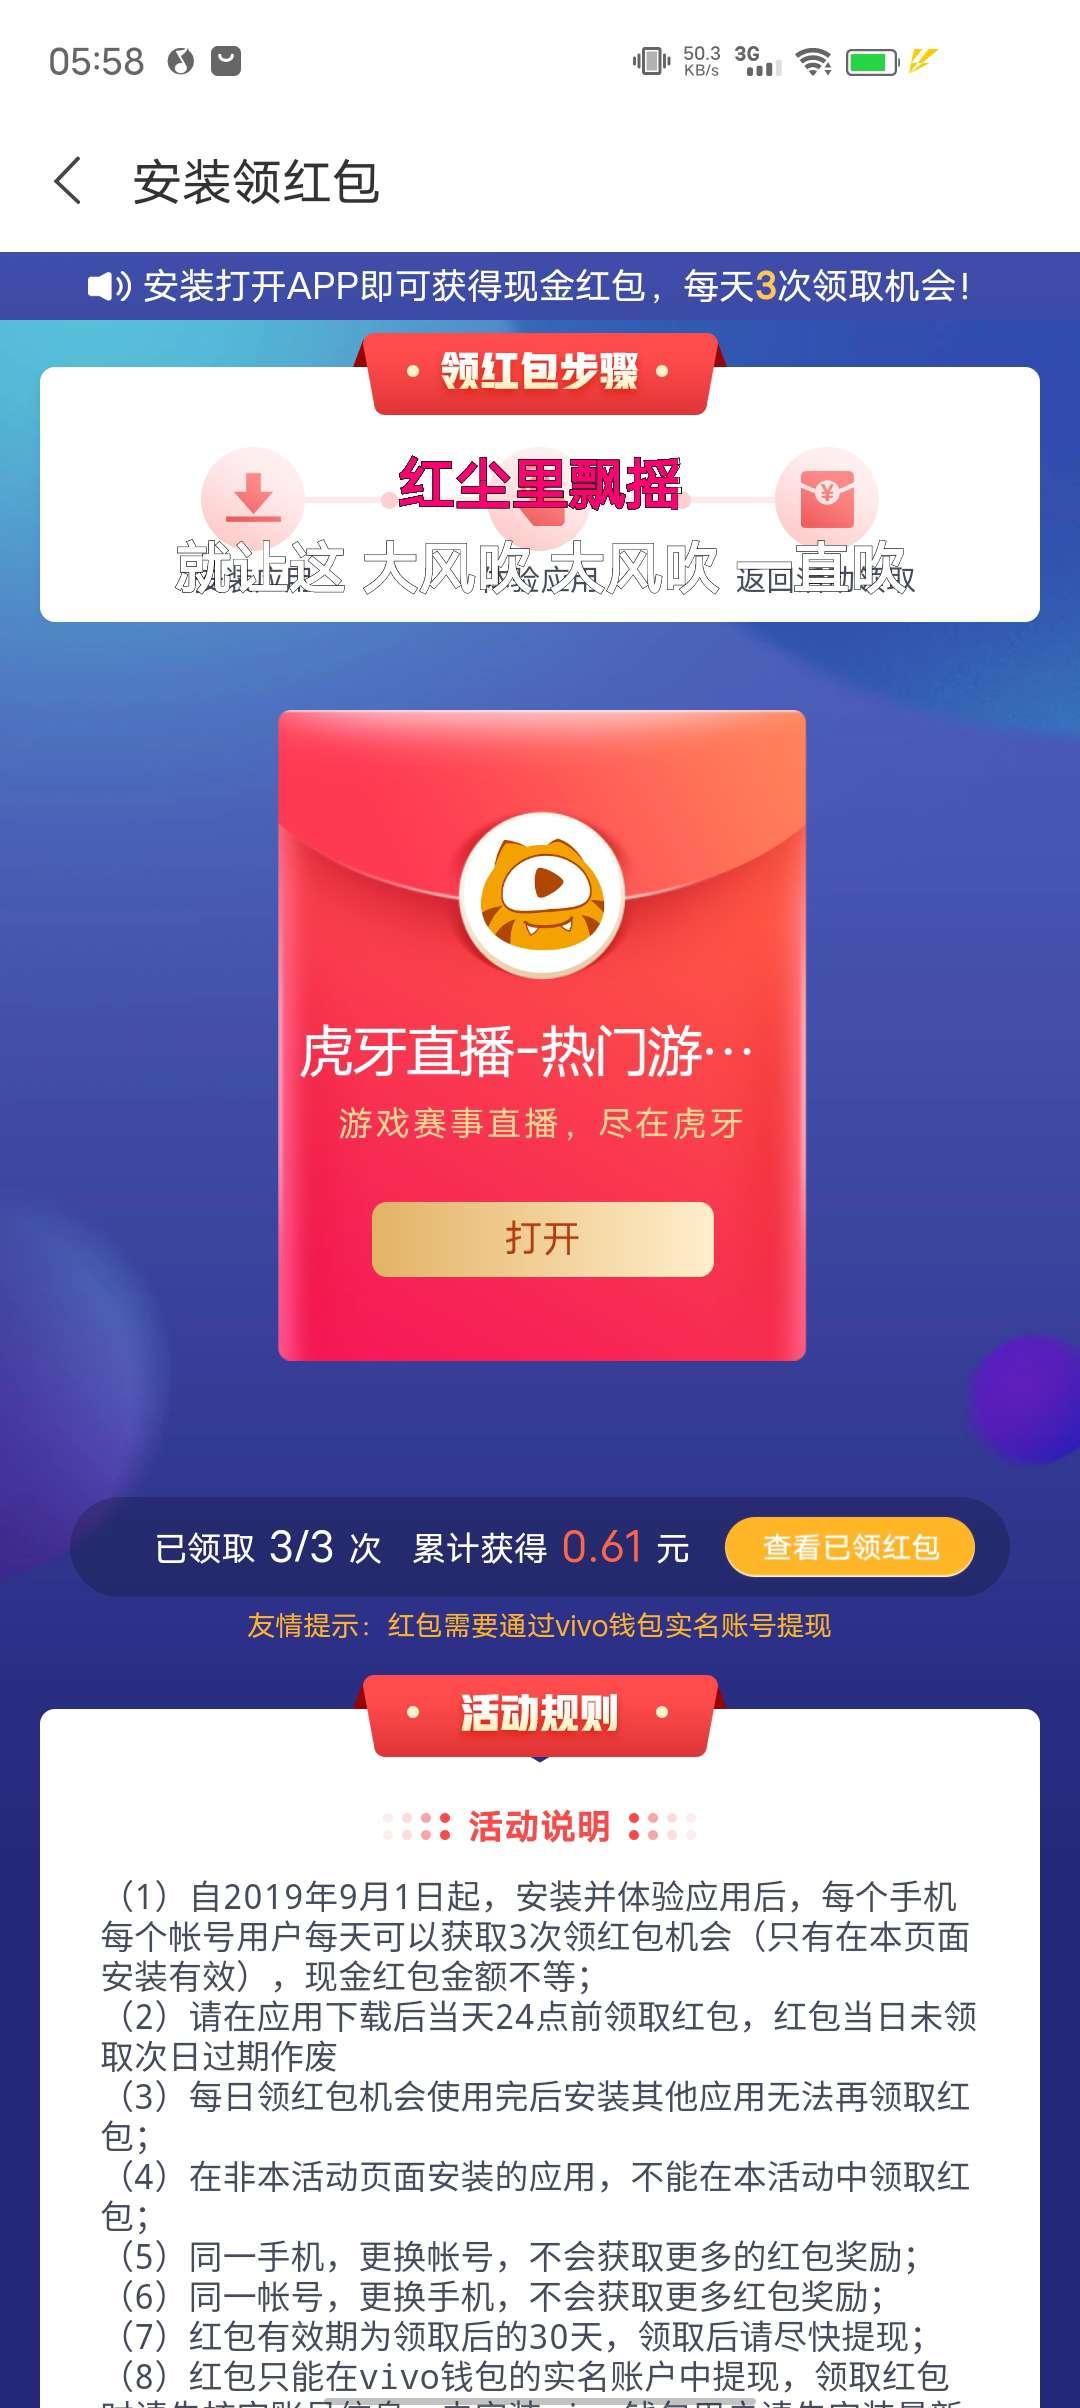 【提现红包现金】vivo手机用户应用商店活动下载应用领取现金插图3